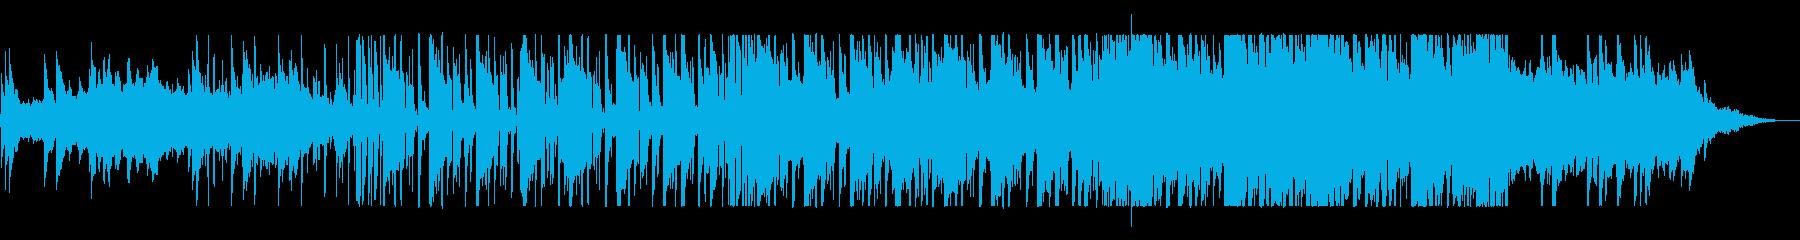 リラックスできるオシャレなピアノ曲の再生済みの波形